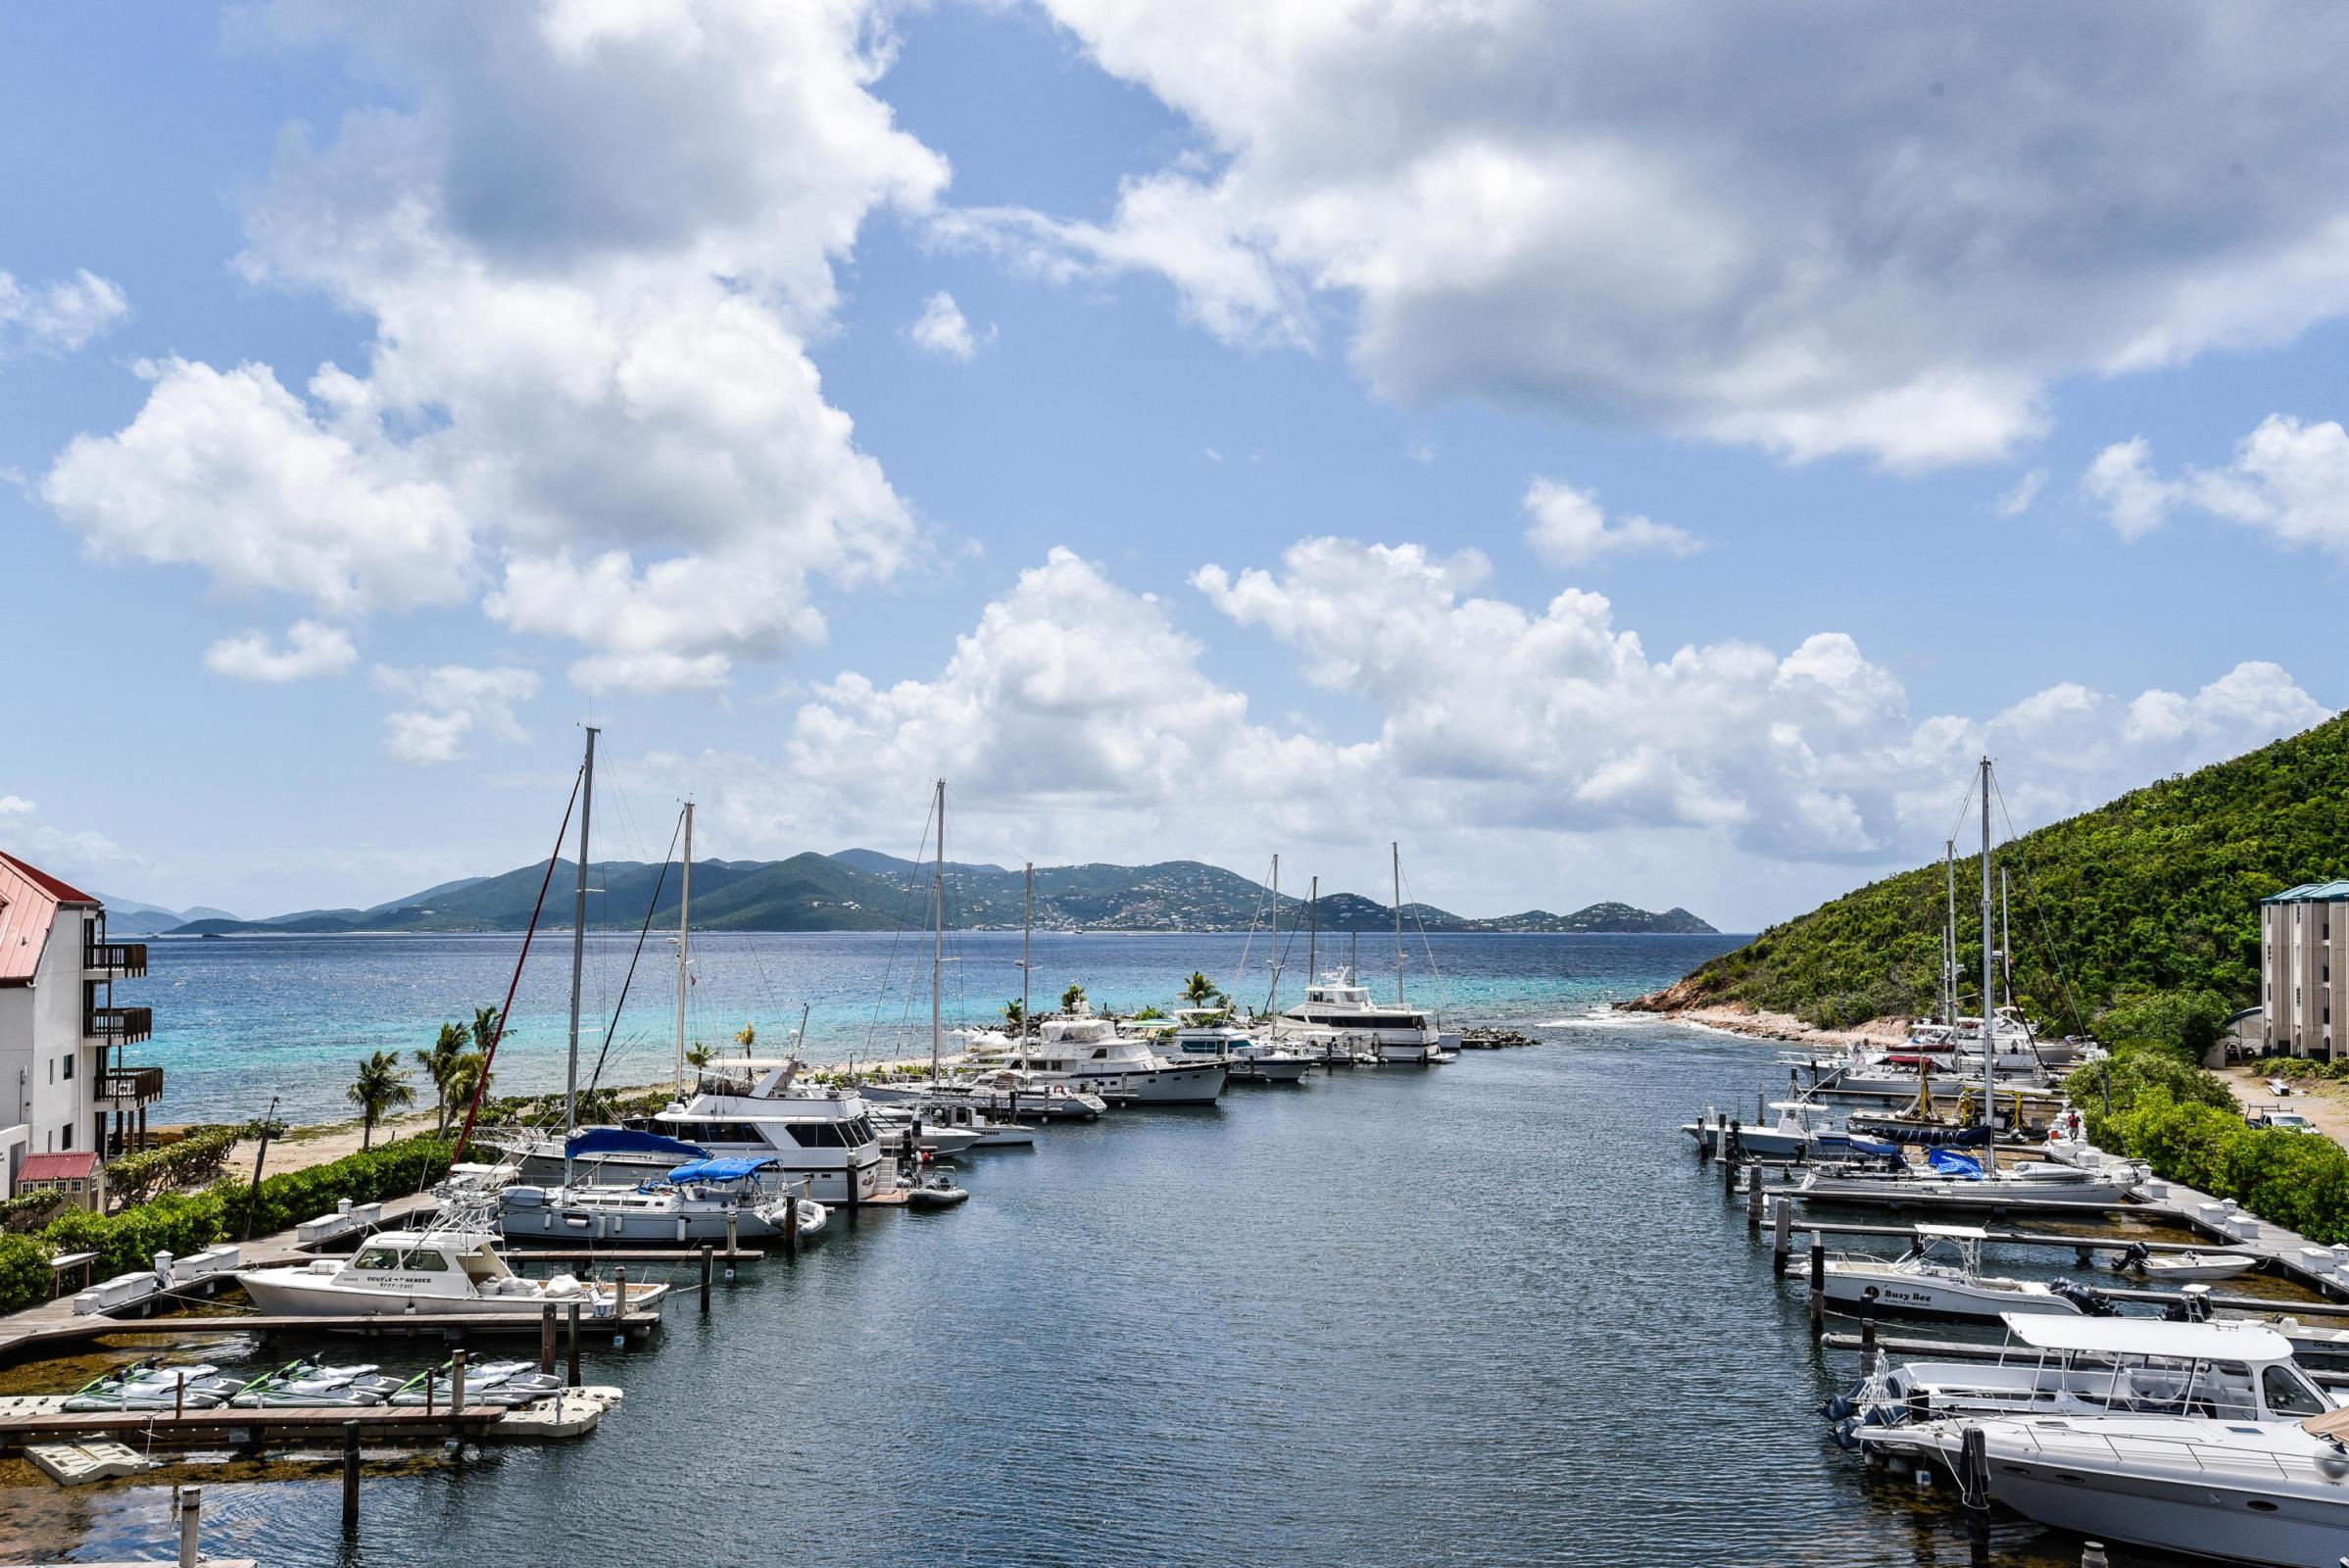 Slip N15 Sapphire Beach Resort & Marina